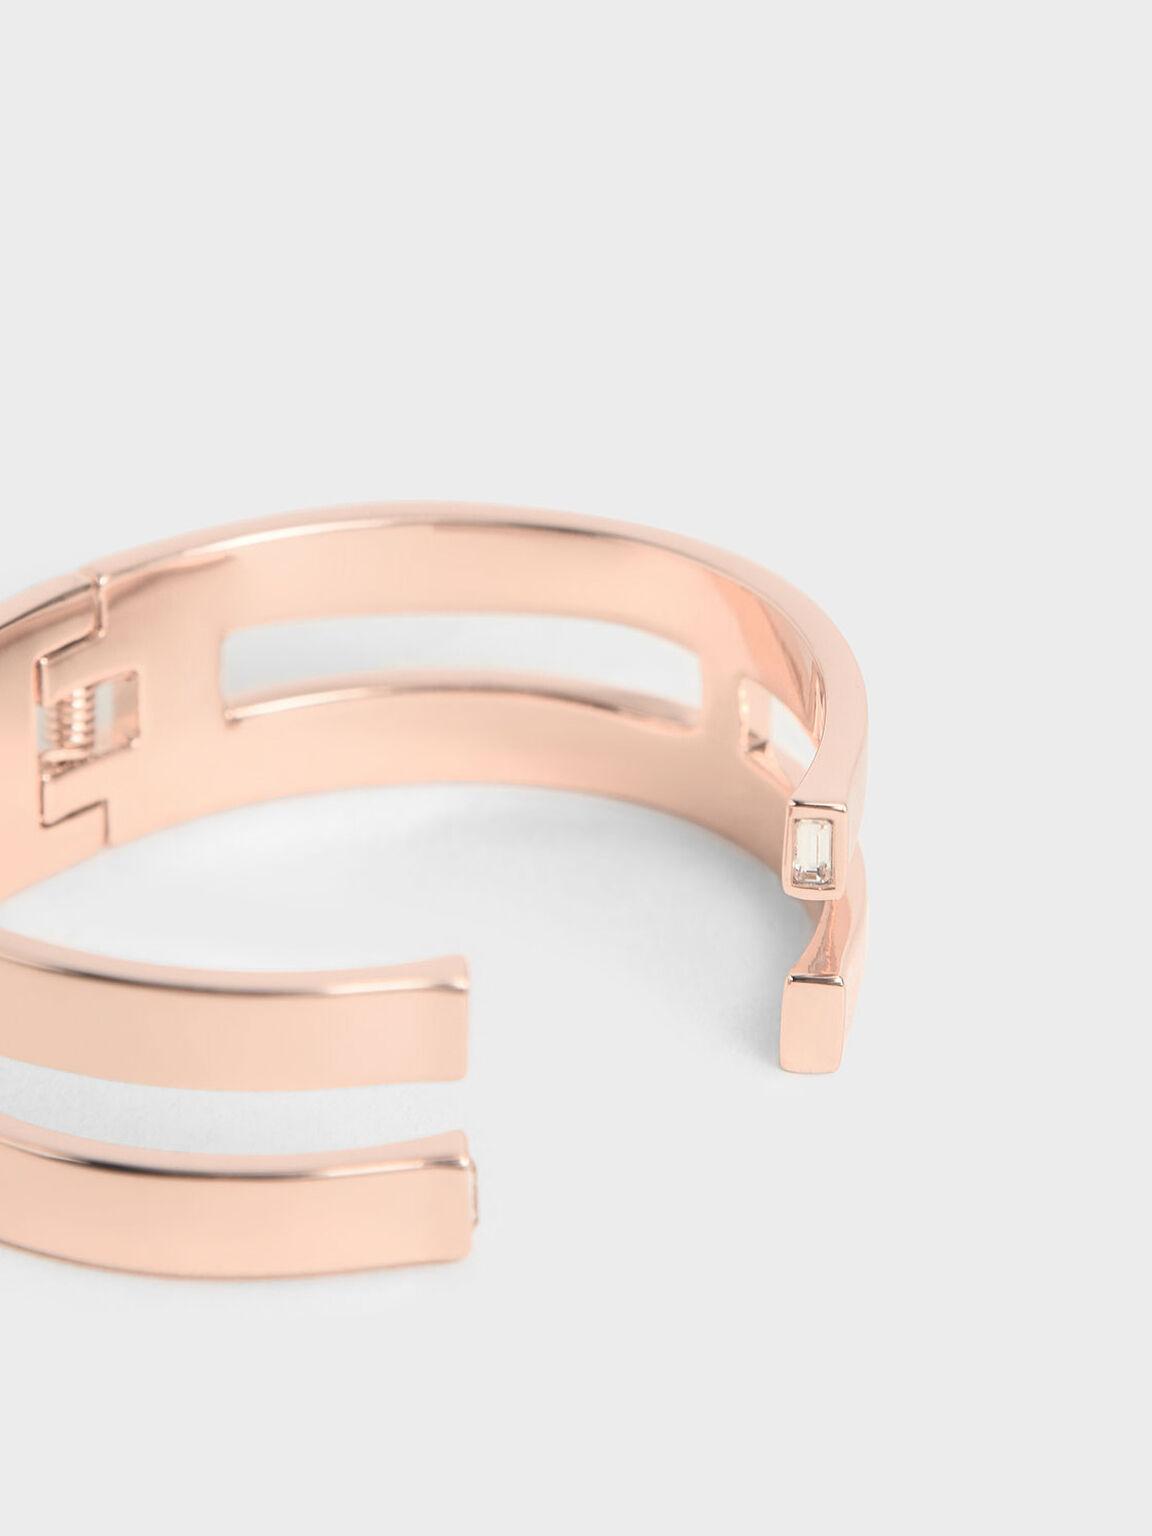 Swarovski® Crystal Double Cuff Bracelet, Rose Gold, hi-res